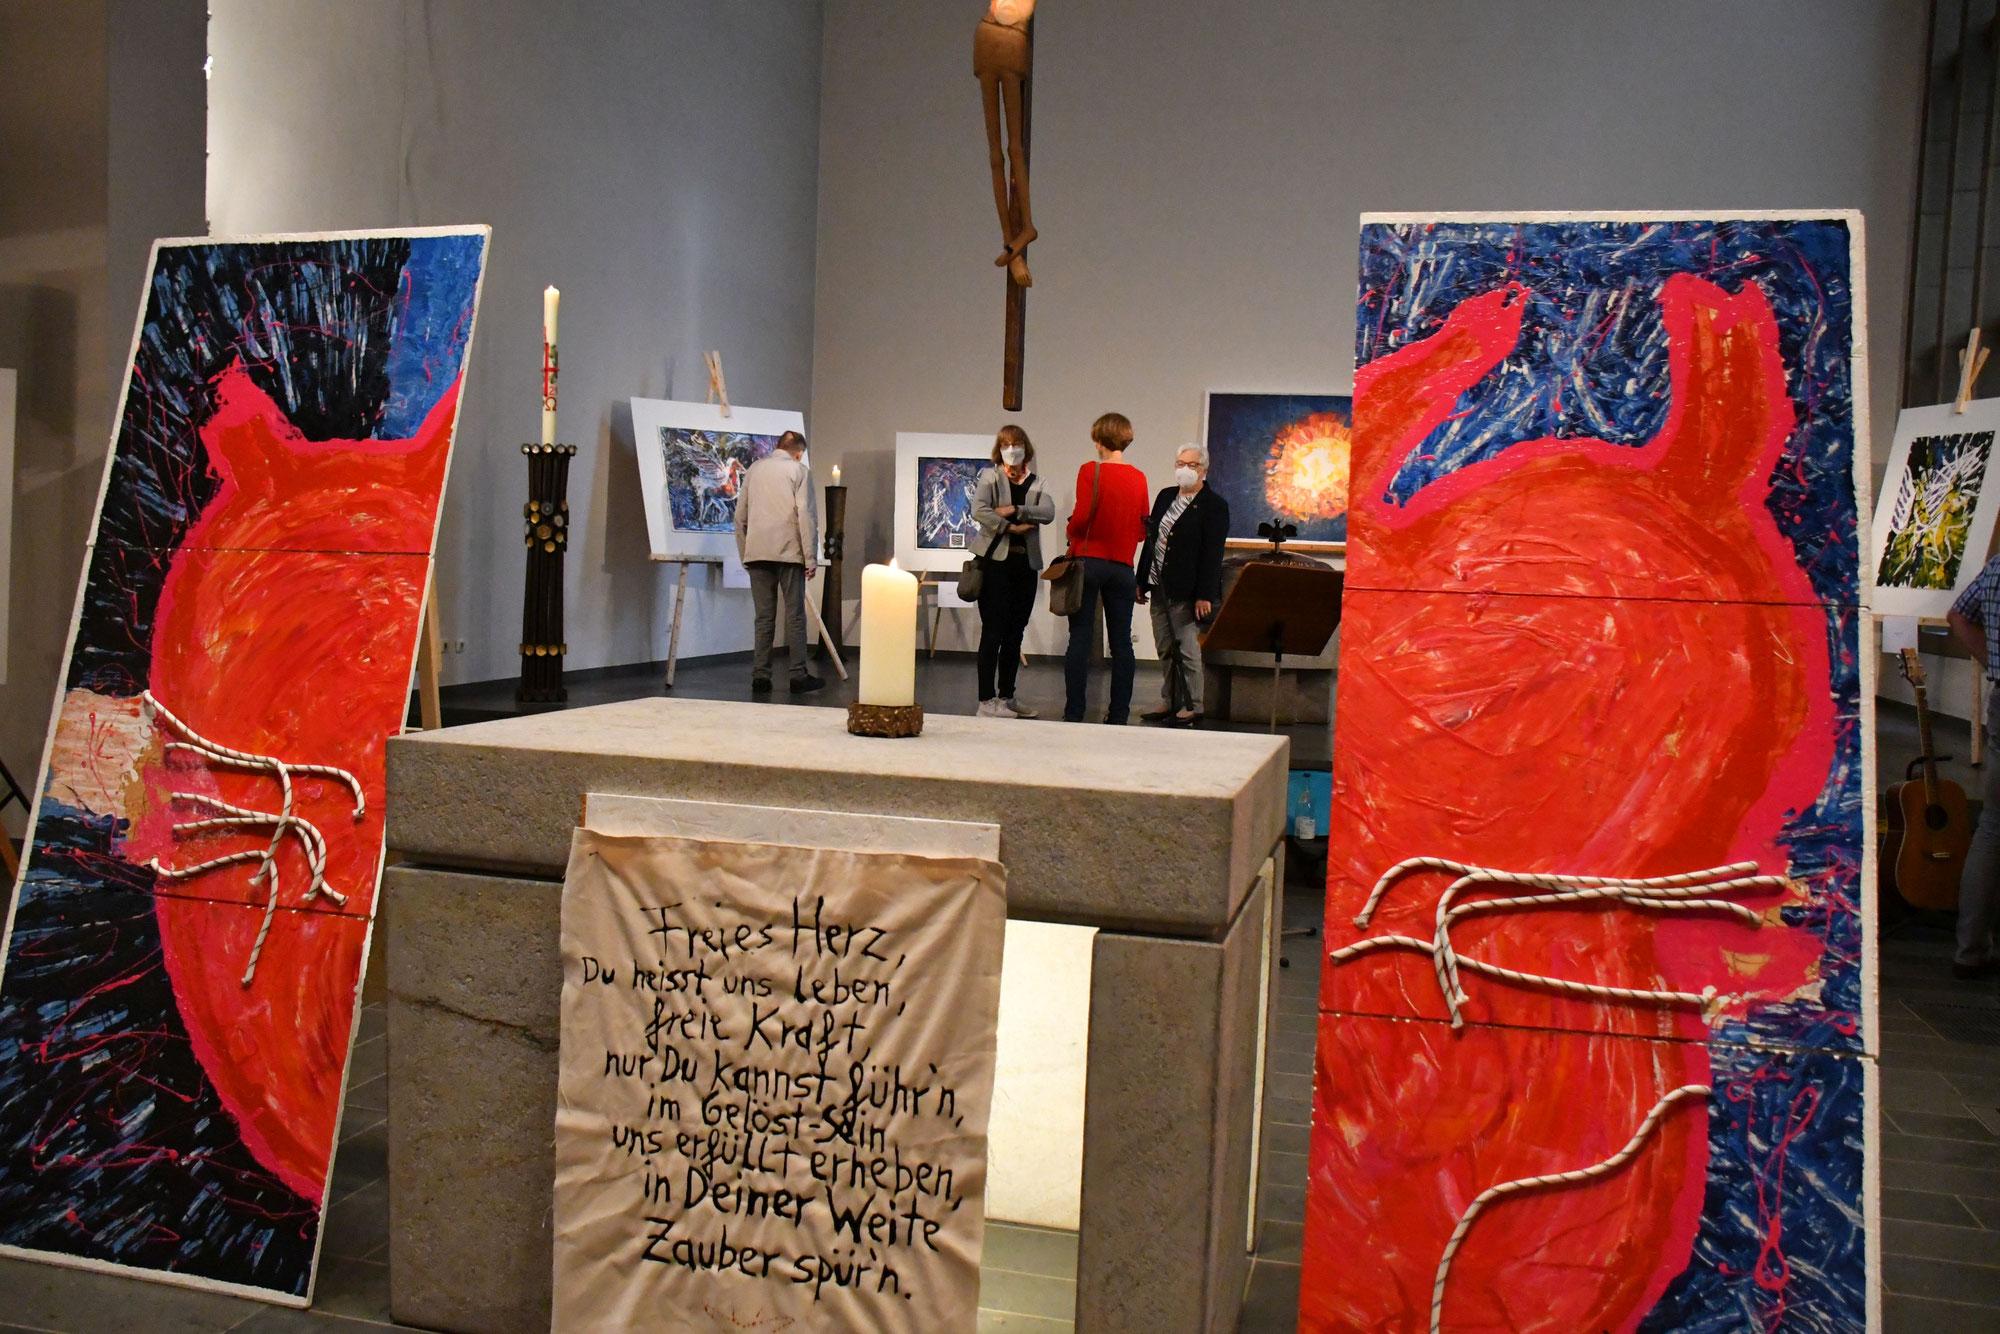 Experimentelle Kirche aus St. Judas Thaddäus lädt zur Kunstausstellung